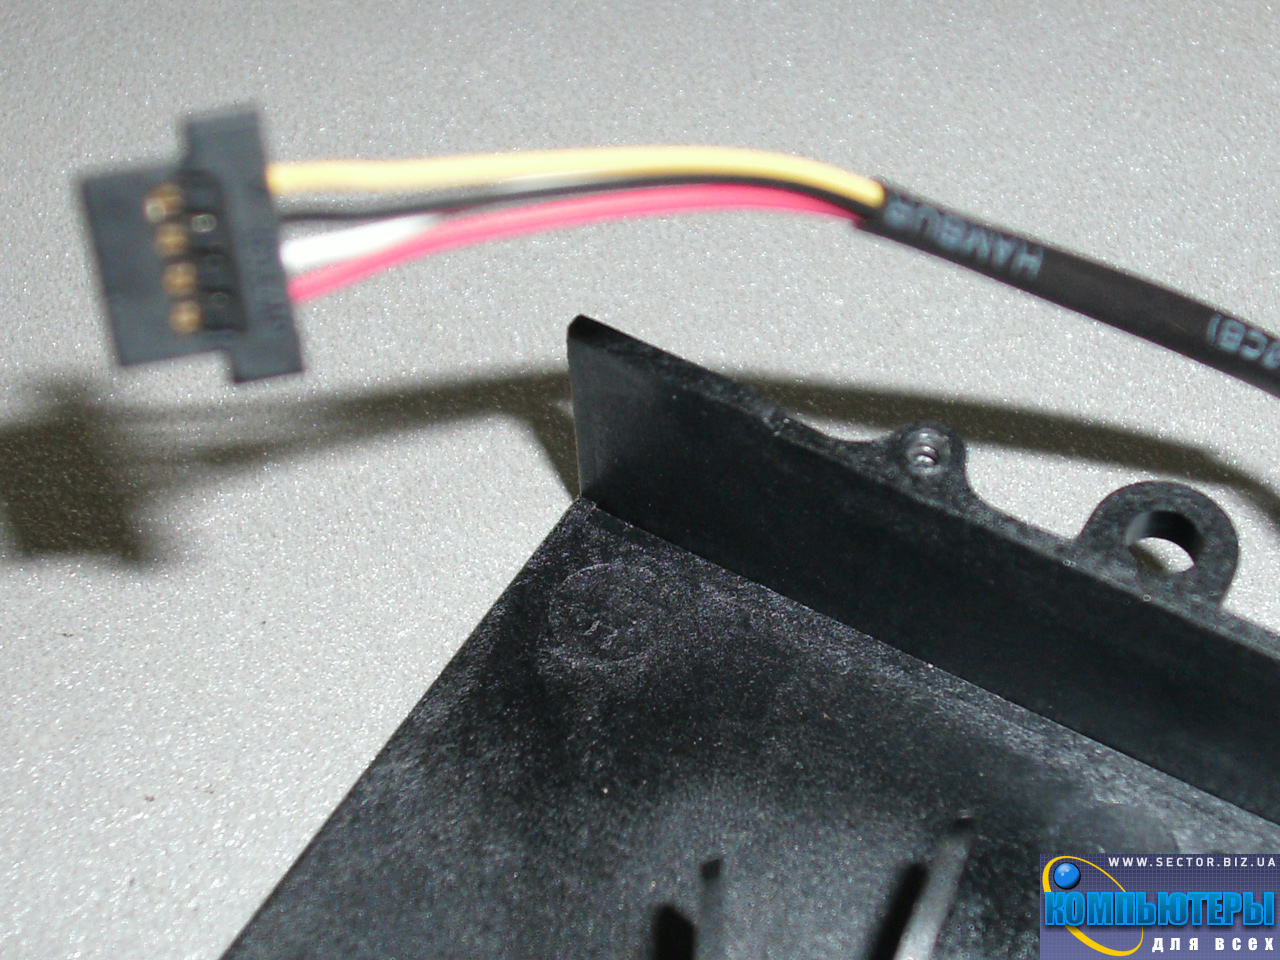 Кулер к ноутбуку HP Pavilion DV6-6200 DV6-6b00 DV6-6c00 DV7-6000 ProBook 4530S p/n: AD6505HX-EEB (CASA). Фото № 3.